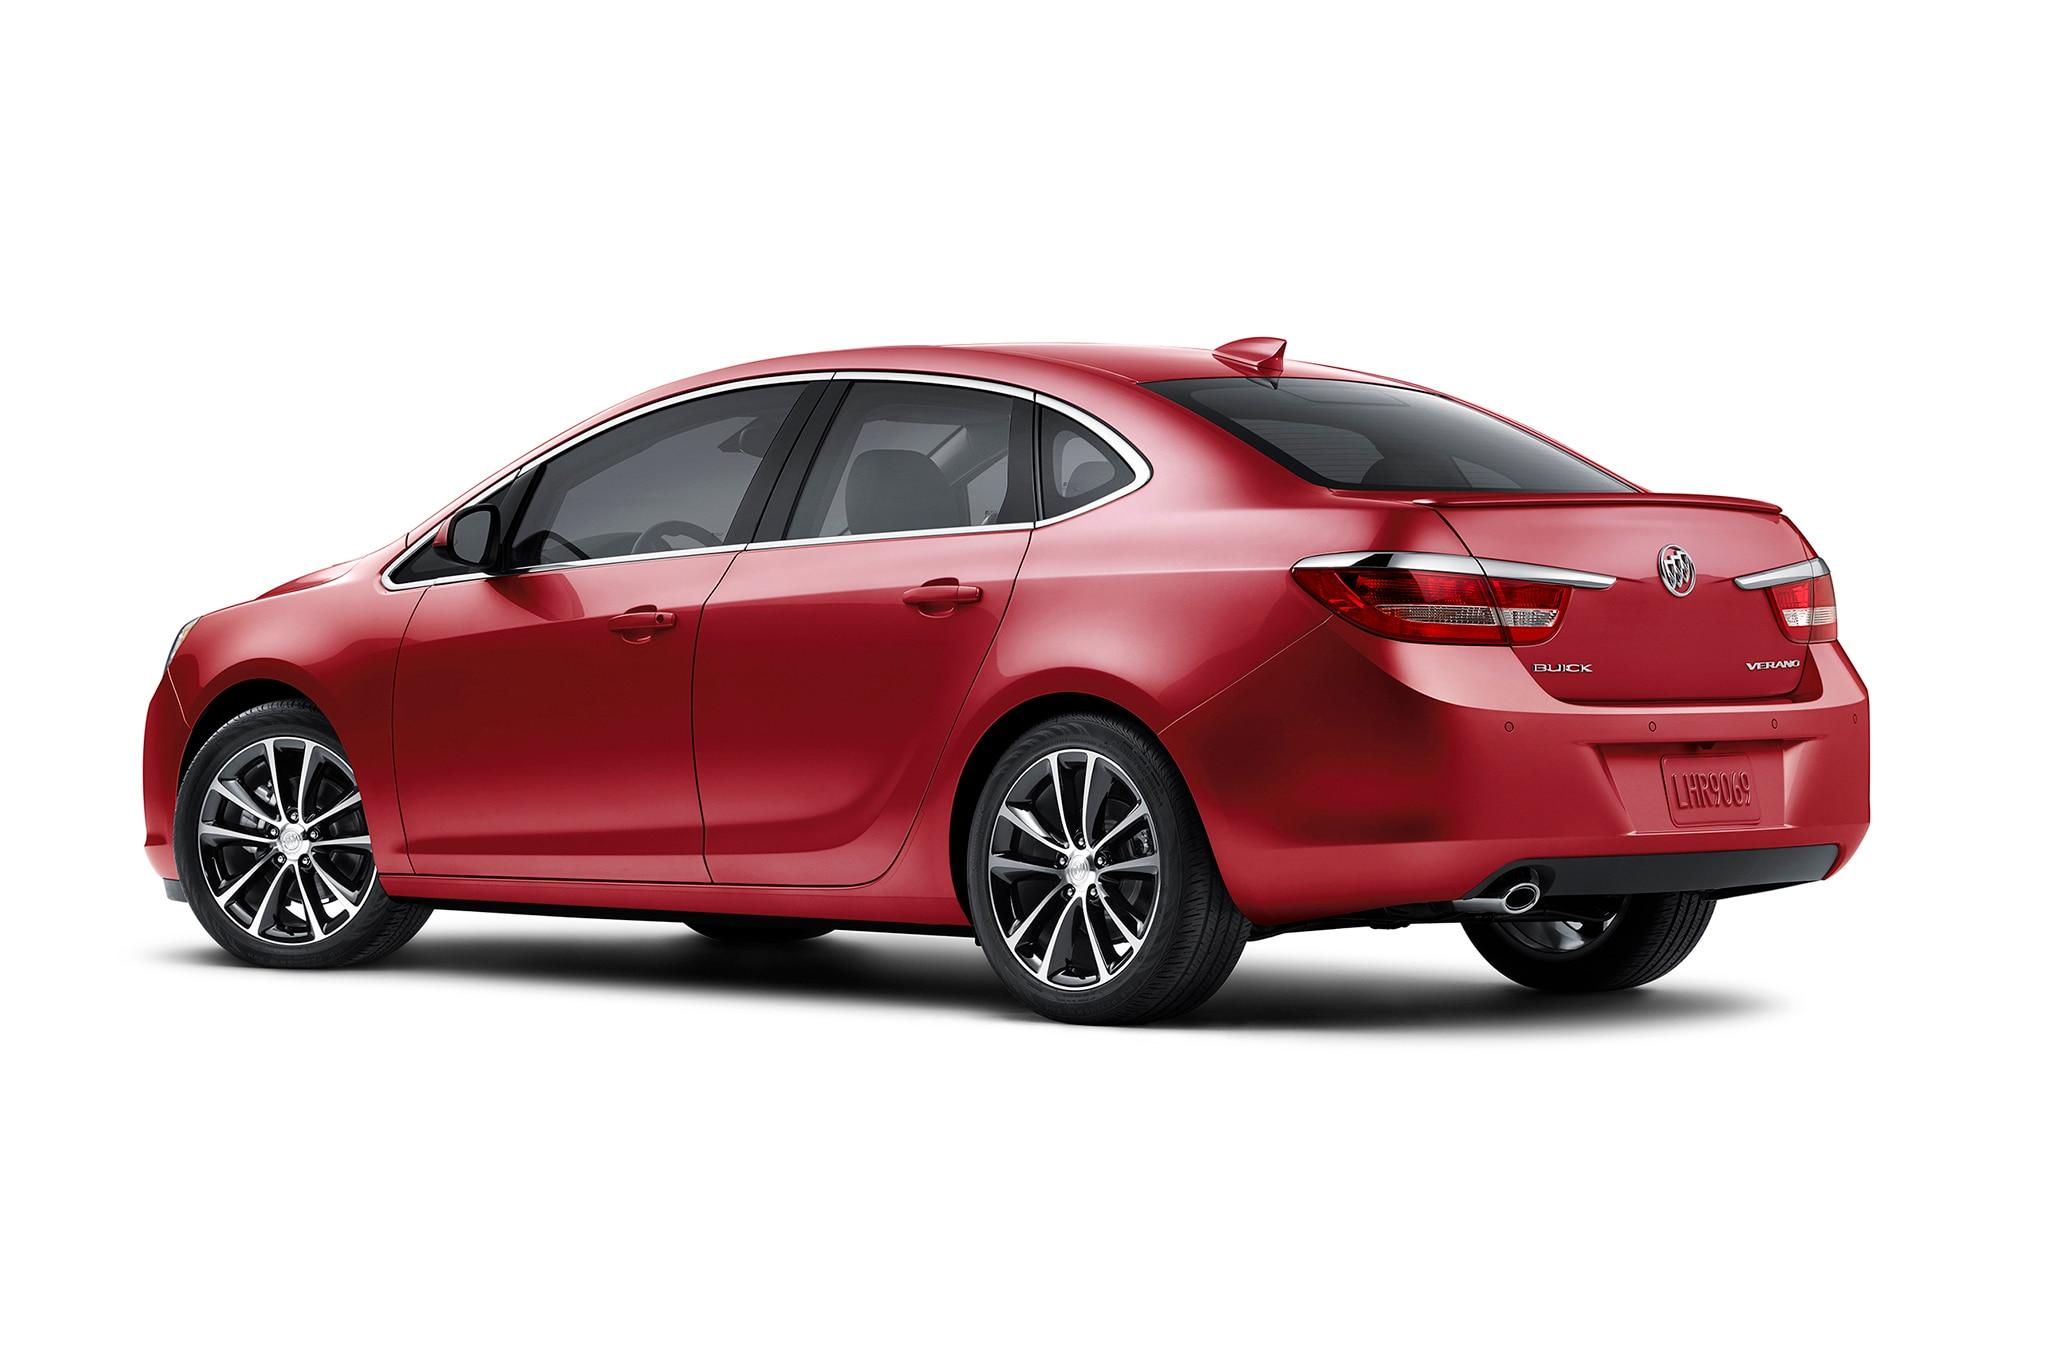 Buick Encore For Sale >> 2016 Buick Regal, LaCrosse, Verano Add Sport Touring Trim